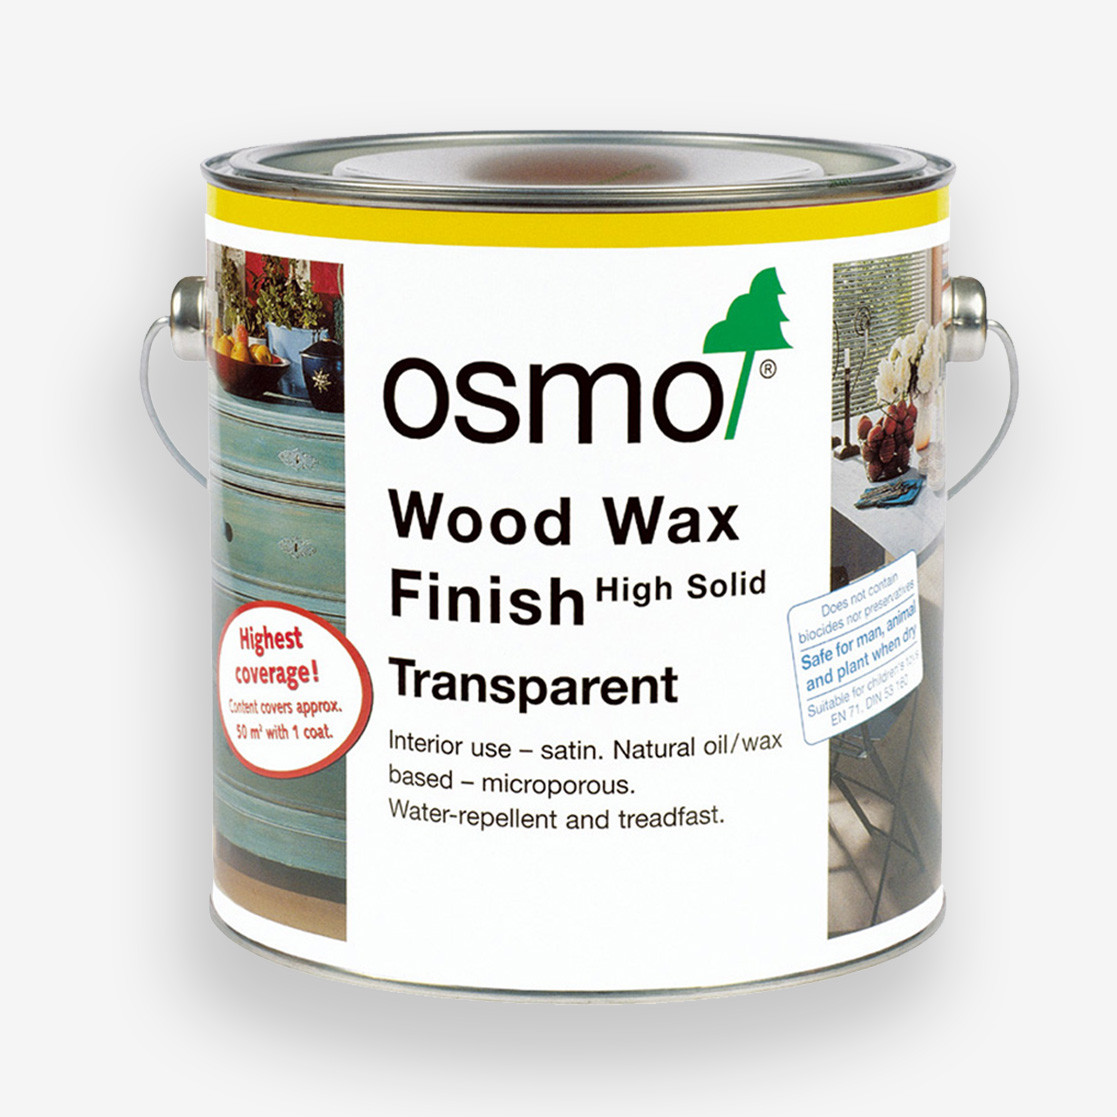 Osmo Wood Wax